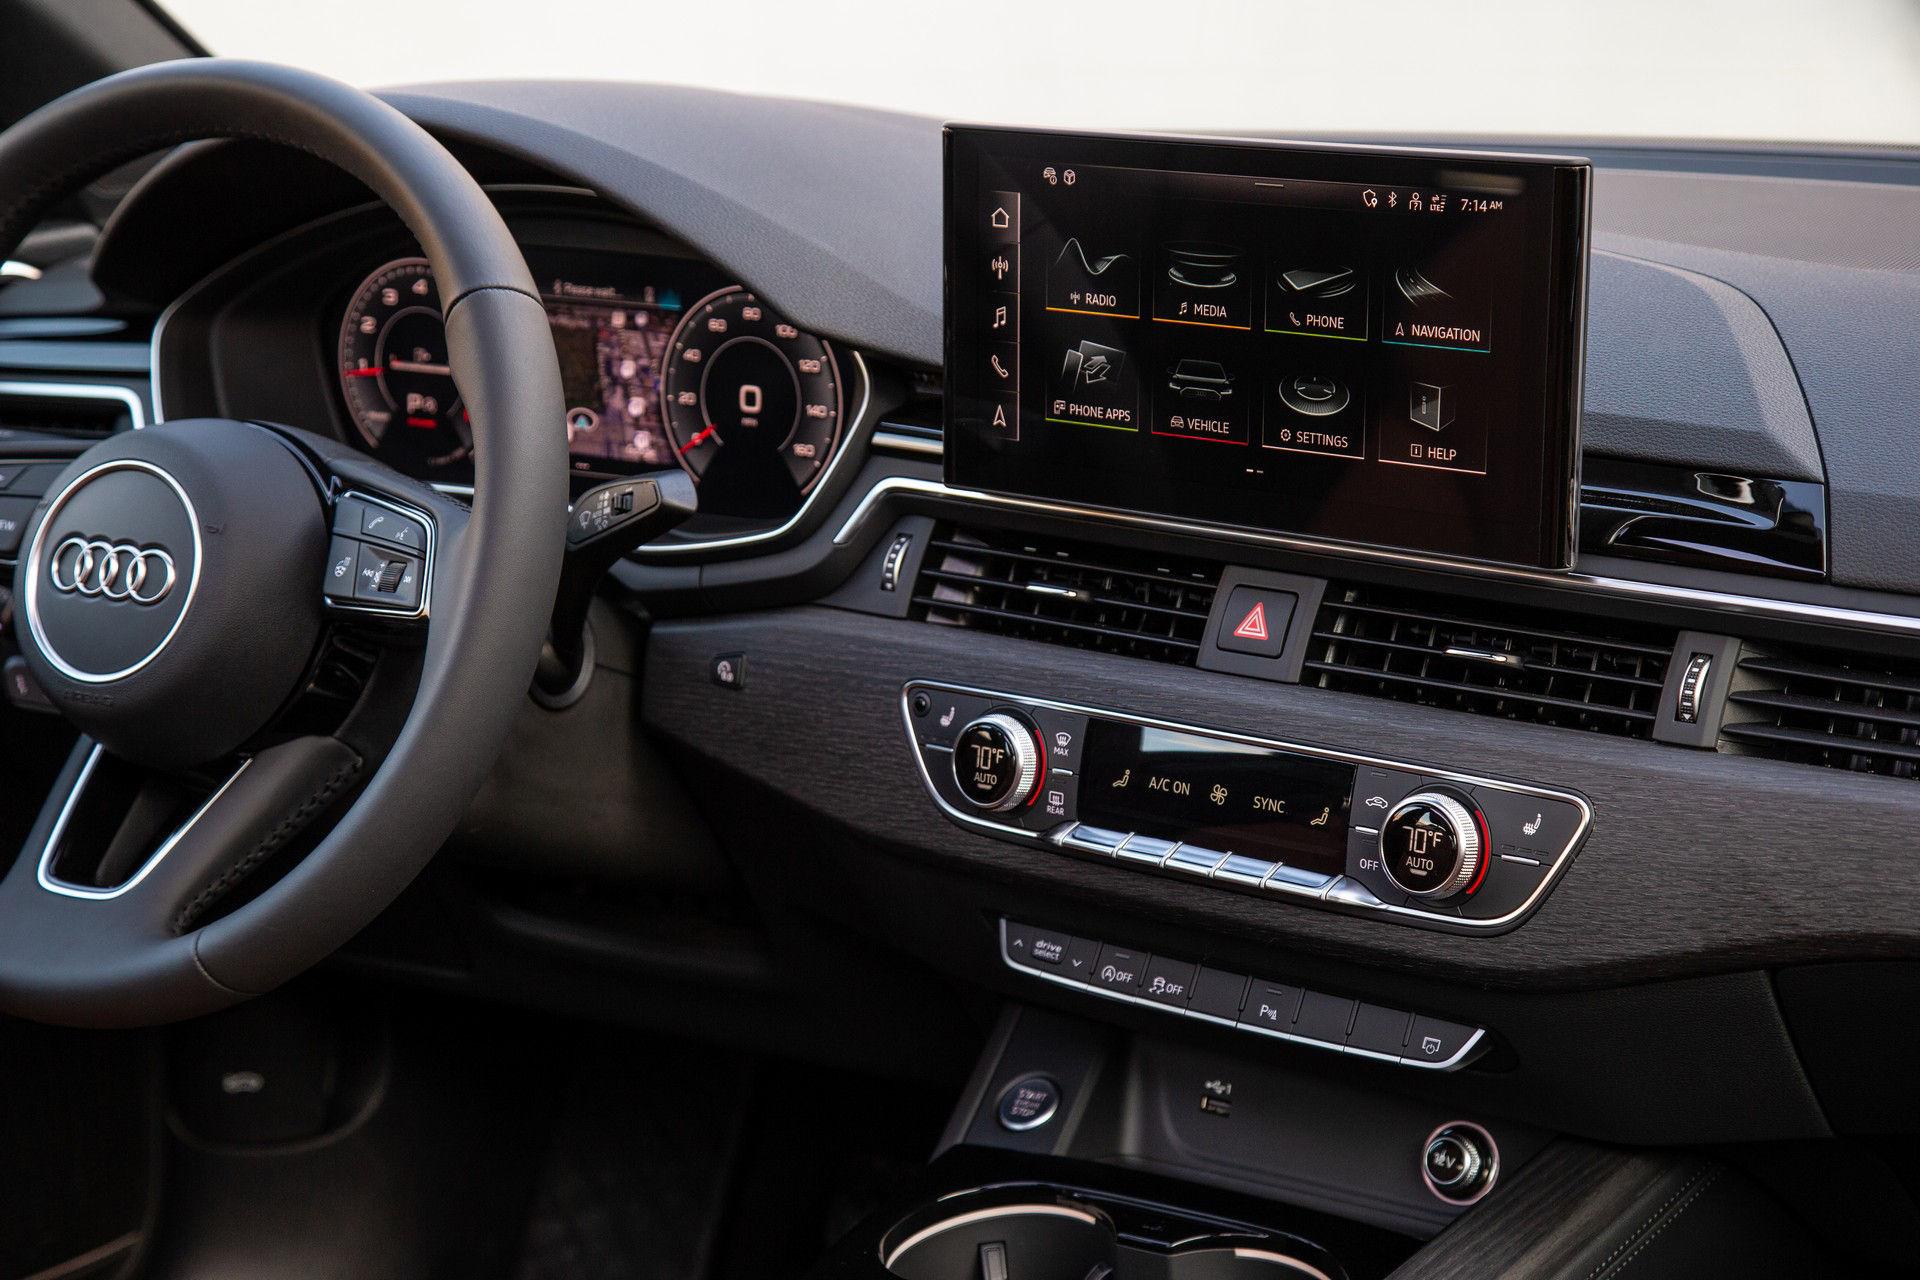 Nästa generation av Audis infotainmentsystem släpps i höst